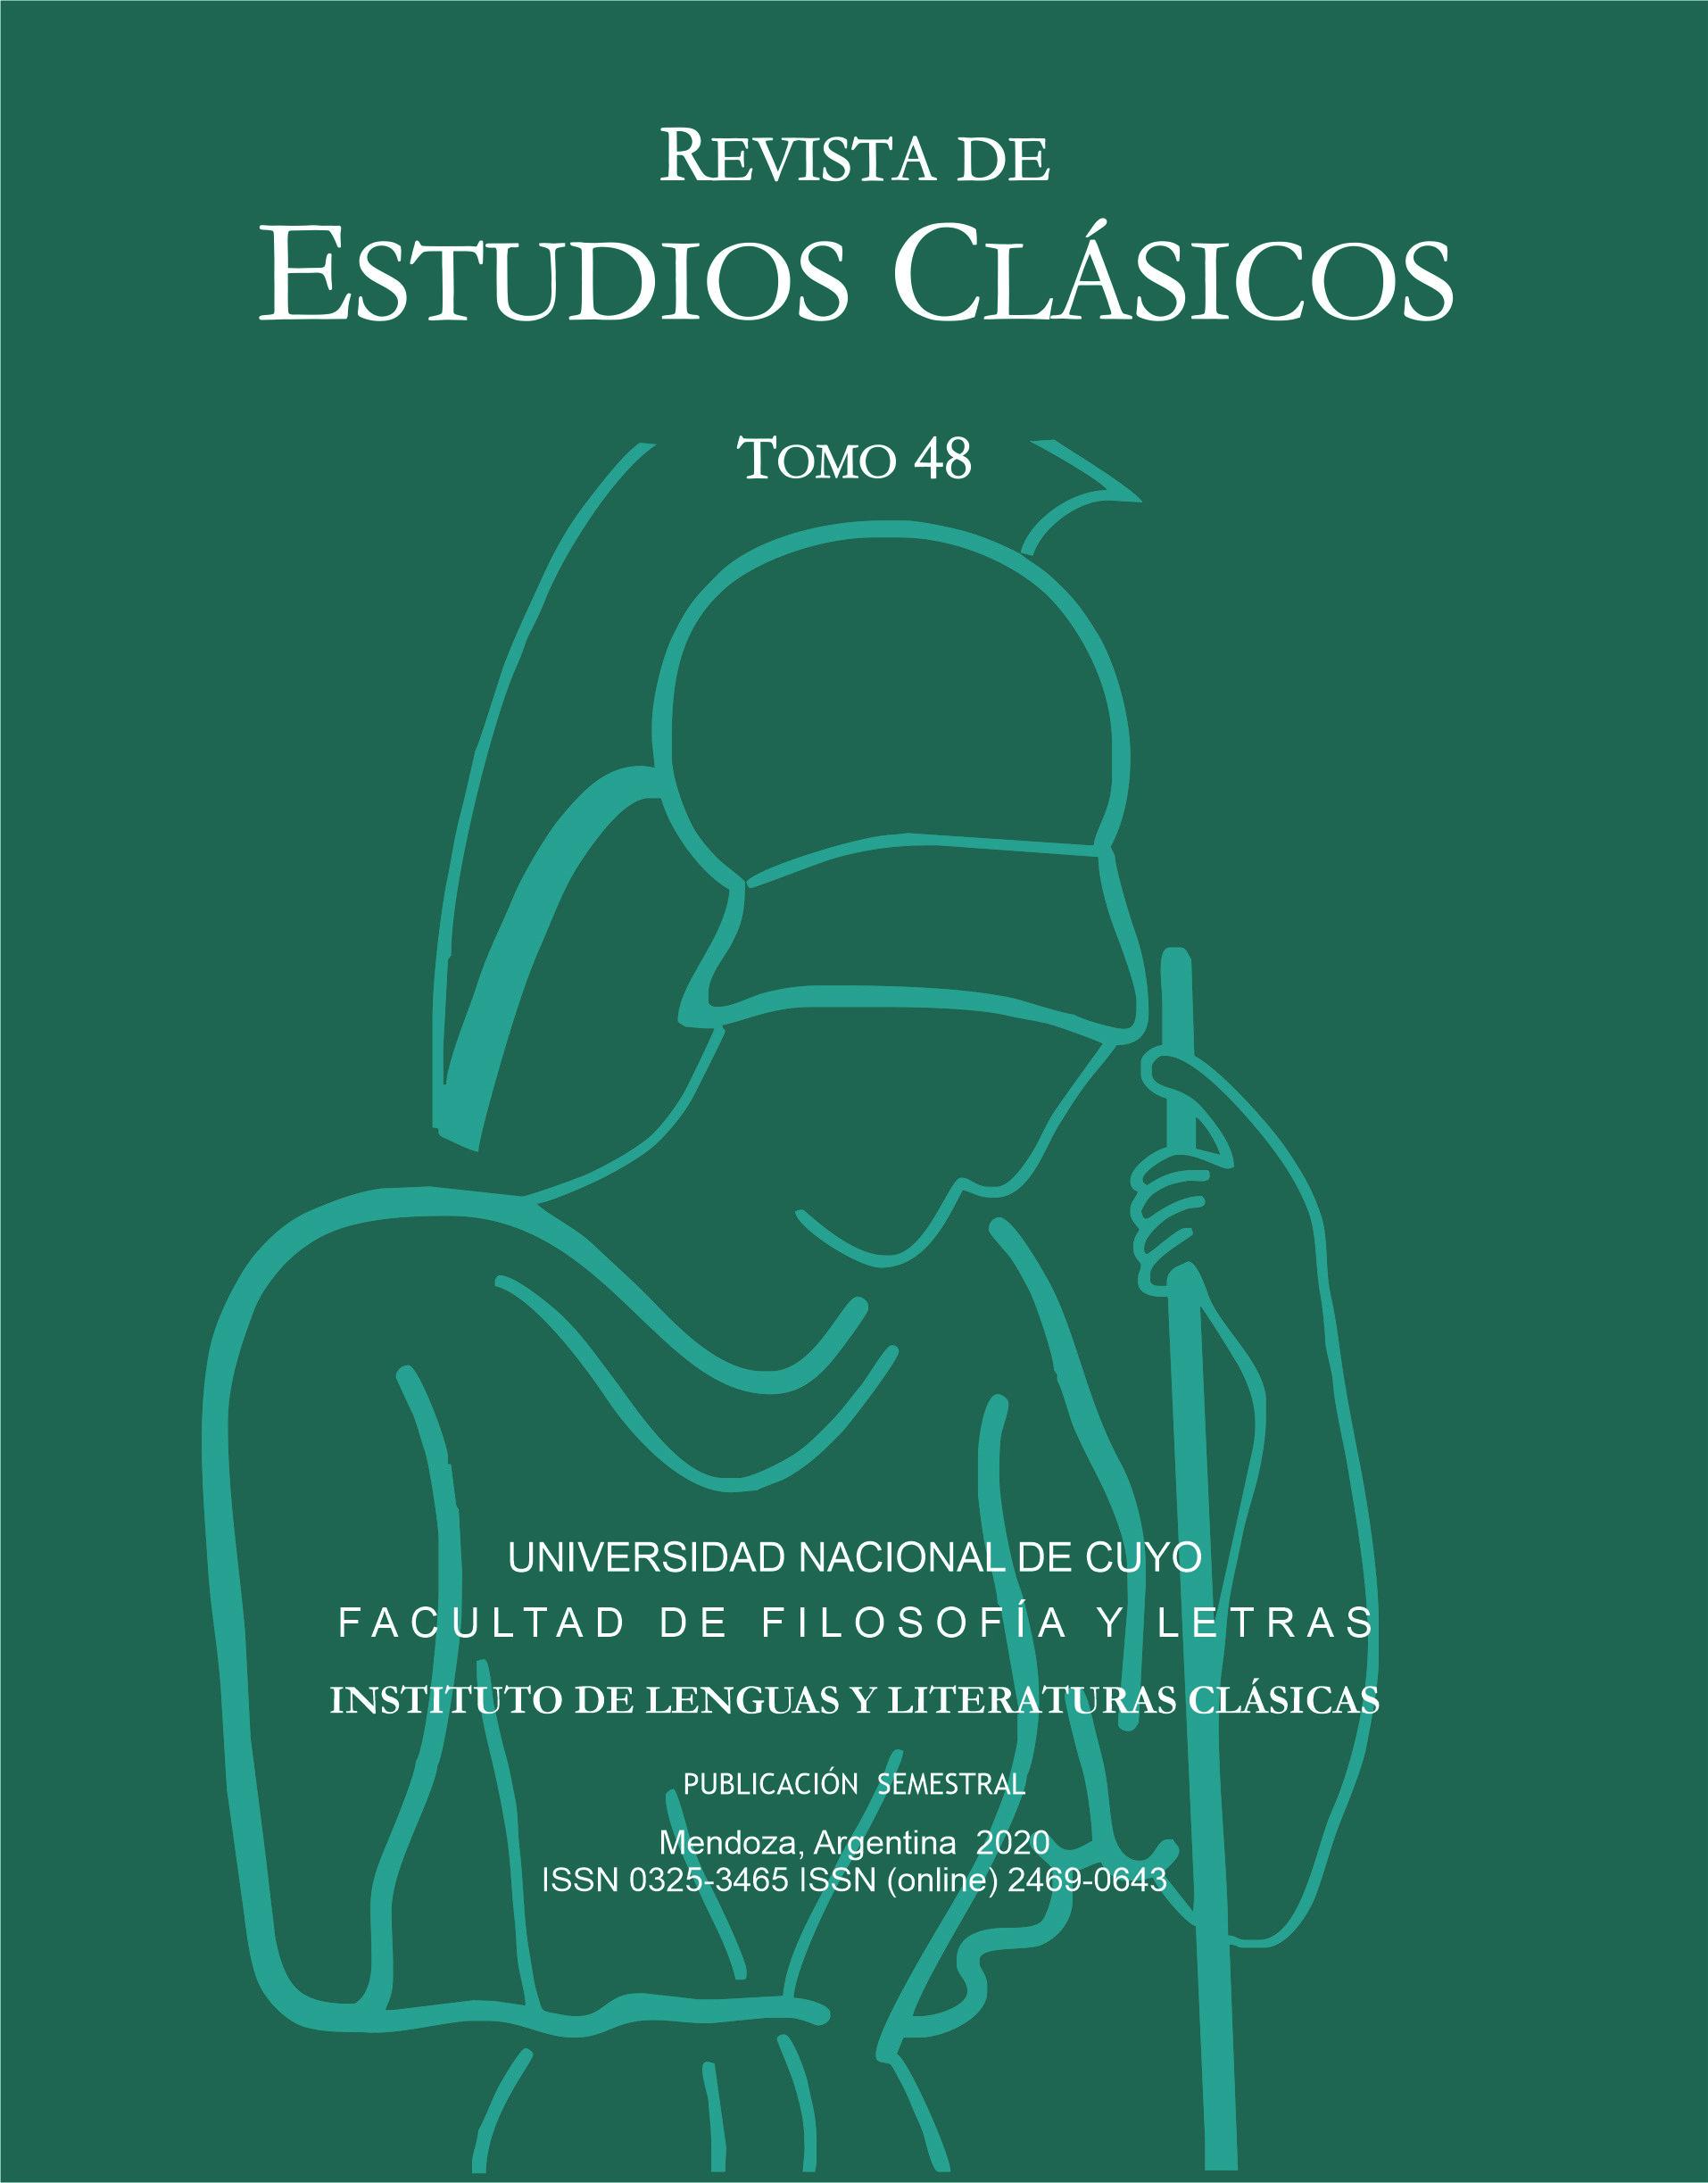 Tapa de la Revista de Estudios Clásicos, Tomo 48, 2020